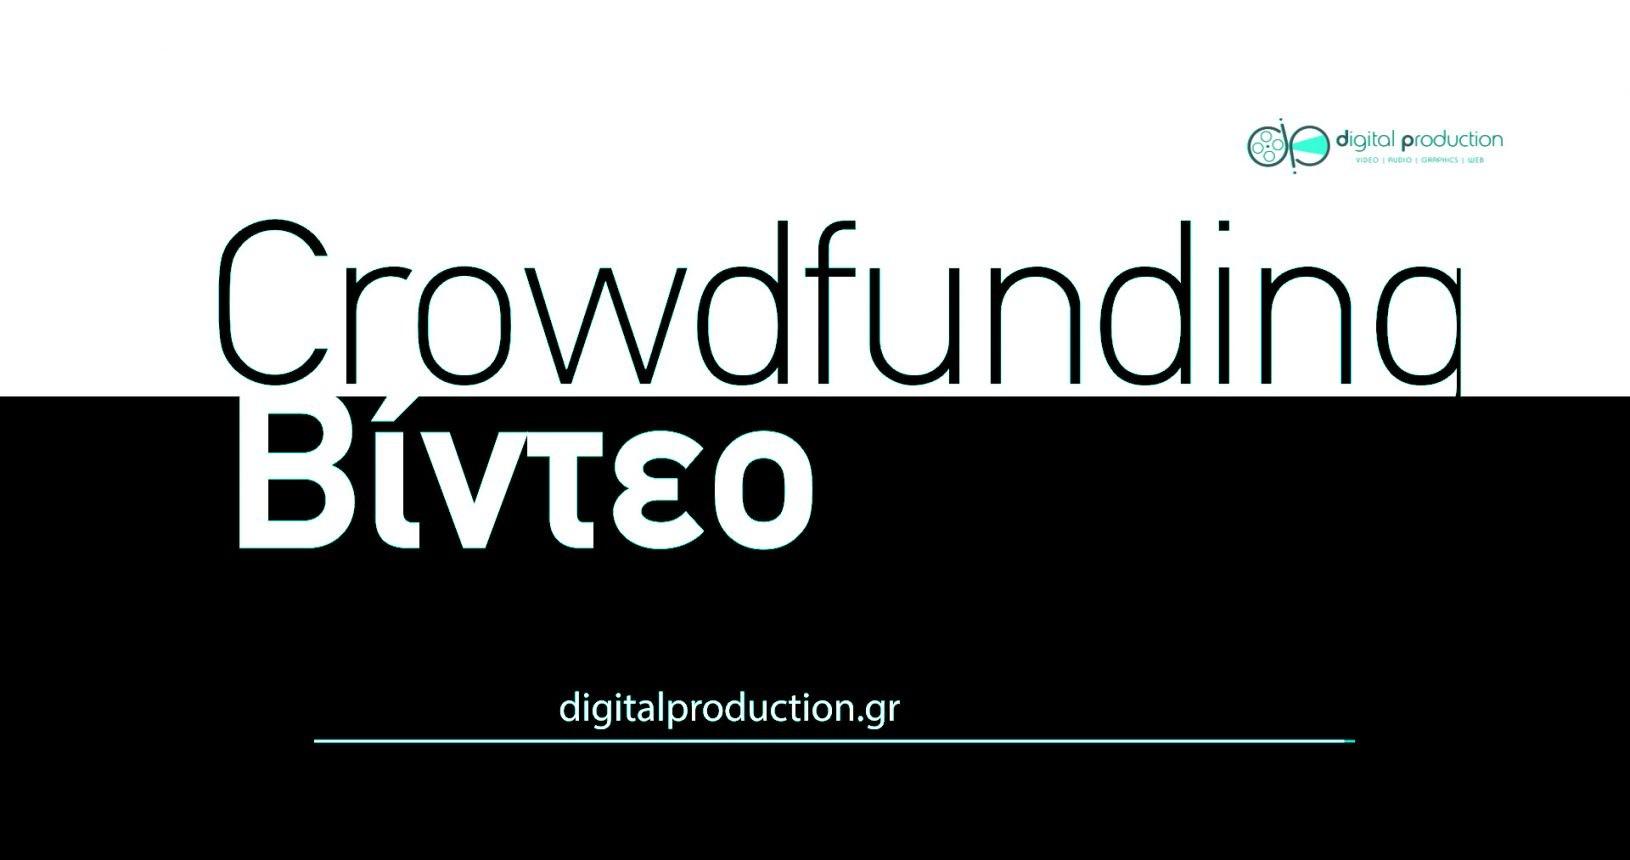 Δημιουργία προωθητικού Crowdfunding βίντεο (Kickstarter κλπ) | Digital Production